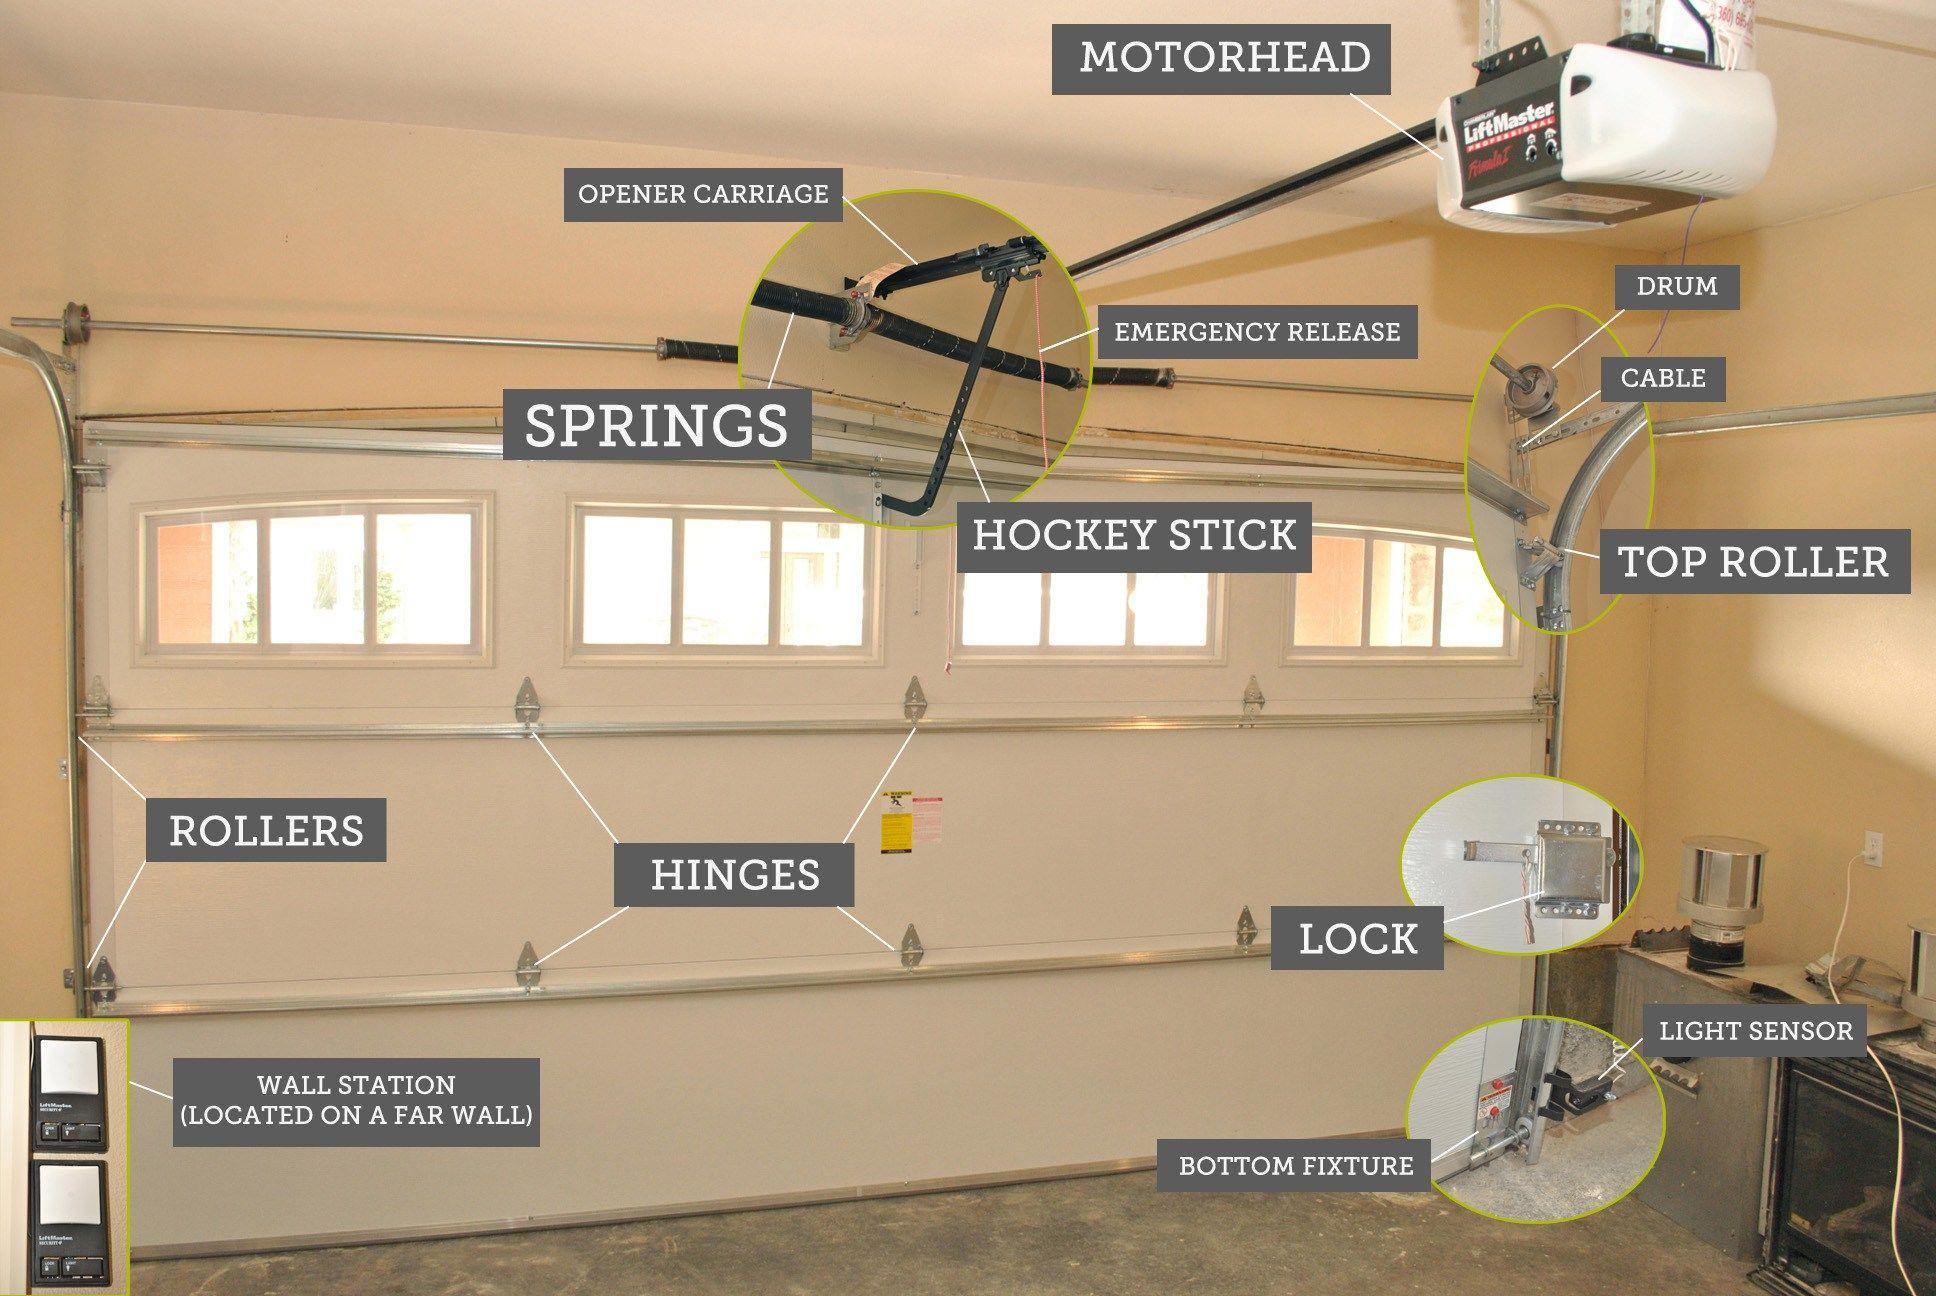 Garage Door Repairs Garage Door Opener Broken Rafael Home Biz Pertaining To Garage Door Replacement How To Do Garage Door Replacemen Gaya Hidup Hidup Kesehatan